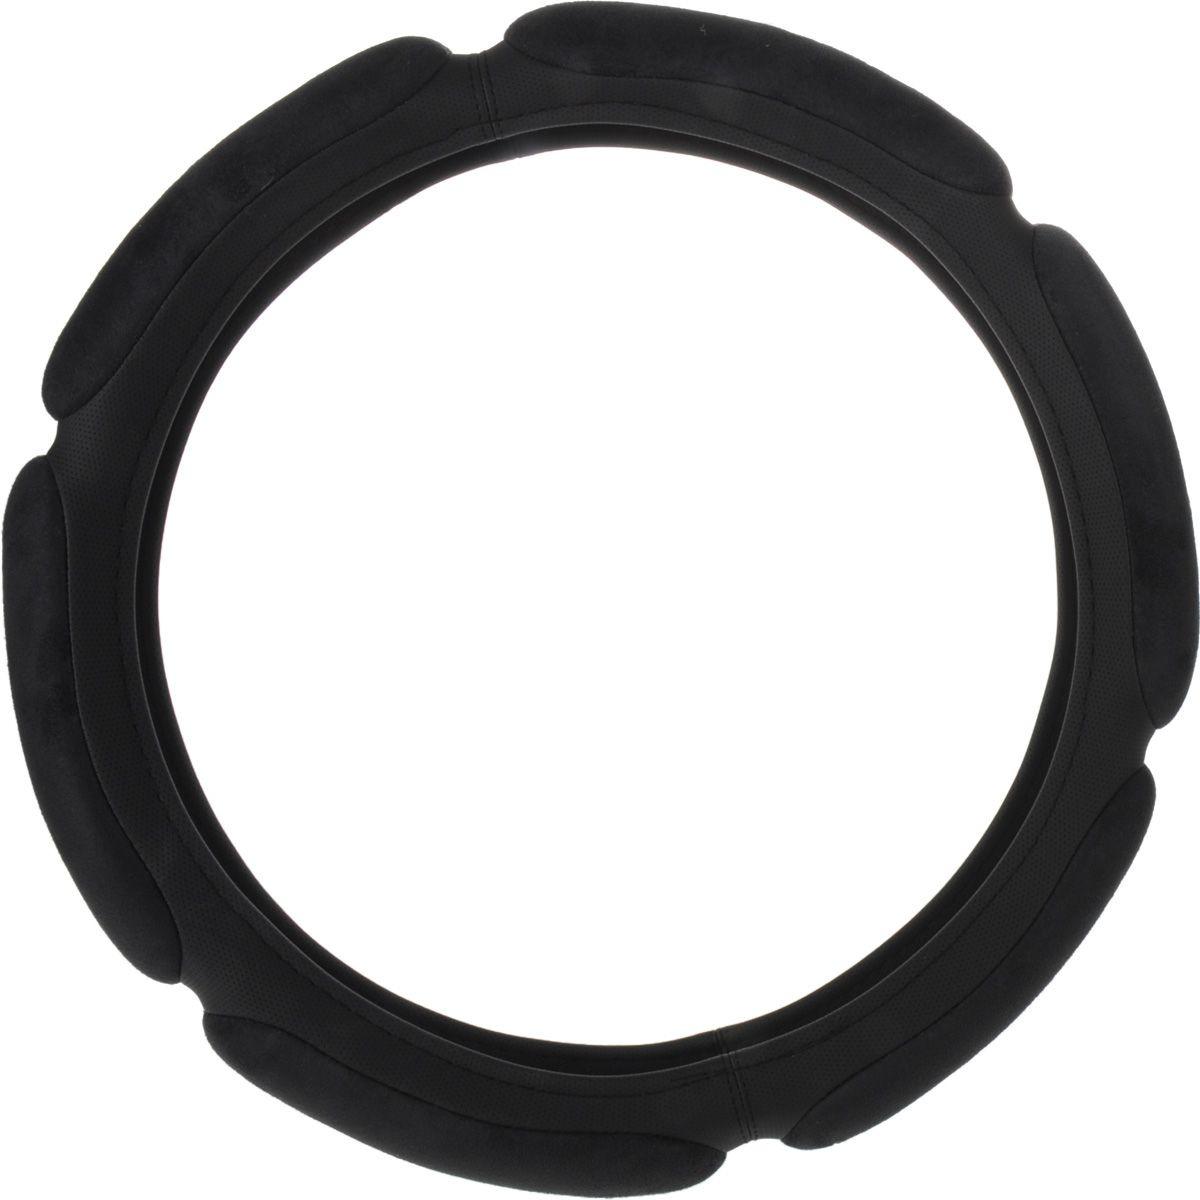 Оплетка руля Autoprofi Sponge SP-5026, 6 подушечек, наполнитель: поролон, цвет: черный. Размер S (36 см) оплетка руля autoprofi экокожа размер м черная